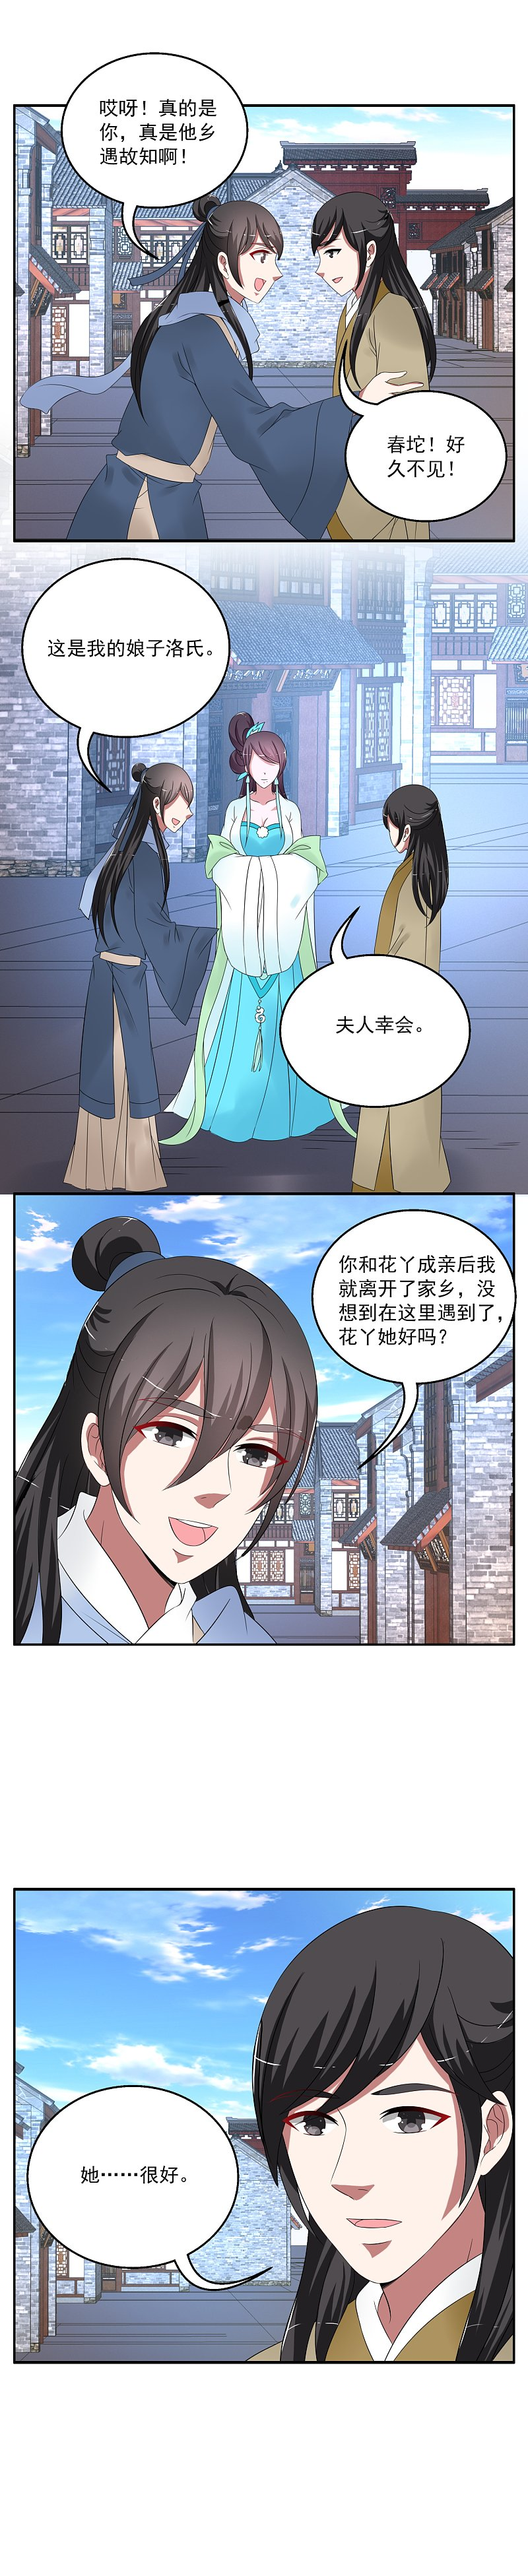 洛小妖168 (5).JPG